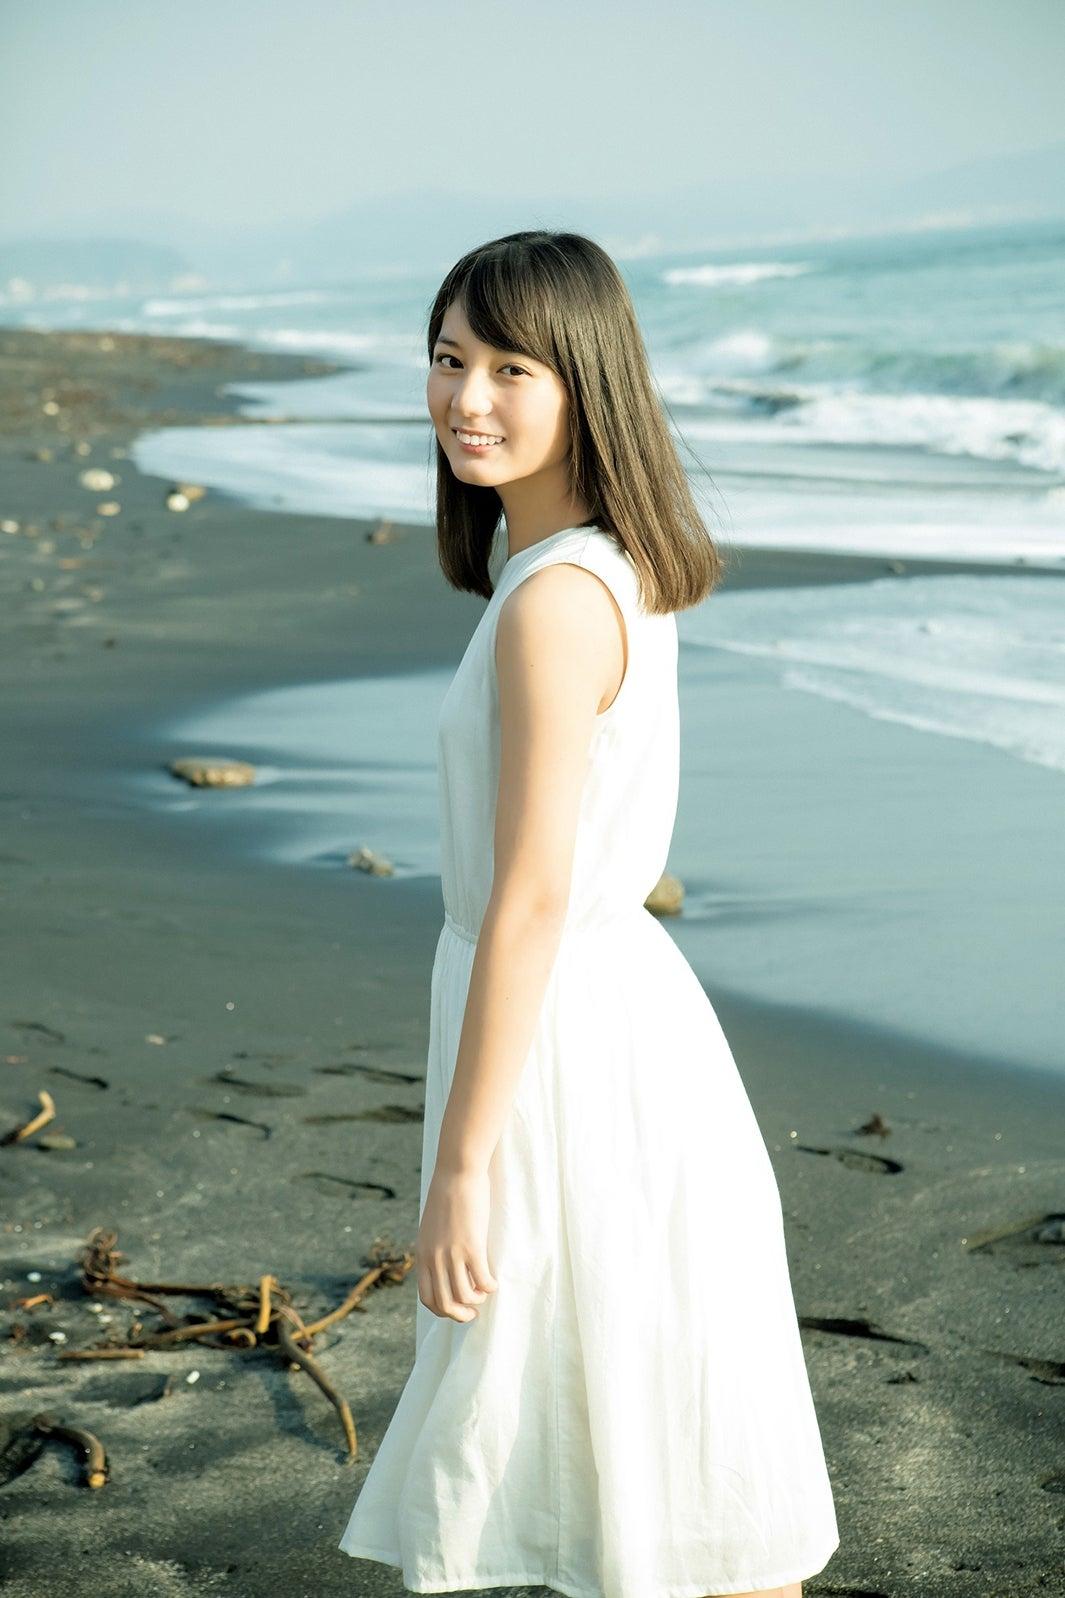 小坂菜緒さんの可愛い画像 →小坂菜緒さんの可愛い画像 →小坂菜緒さんの可愛い画像